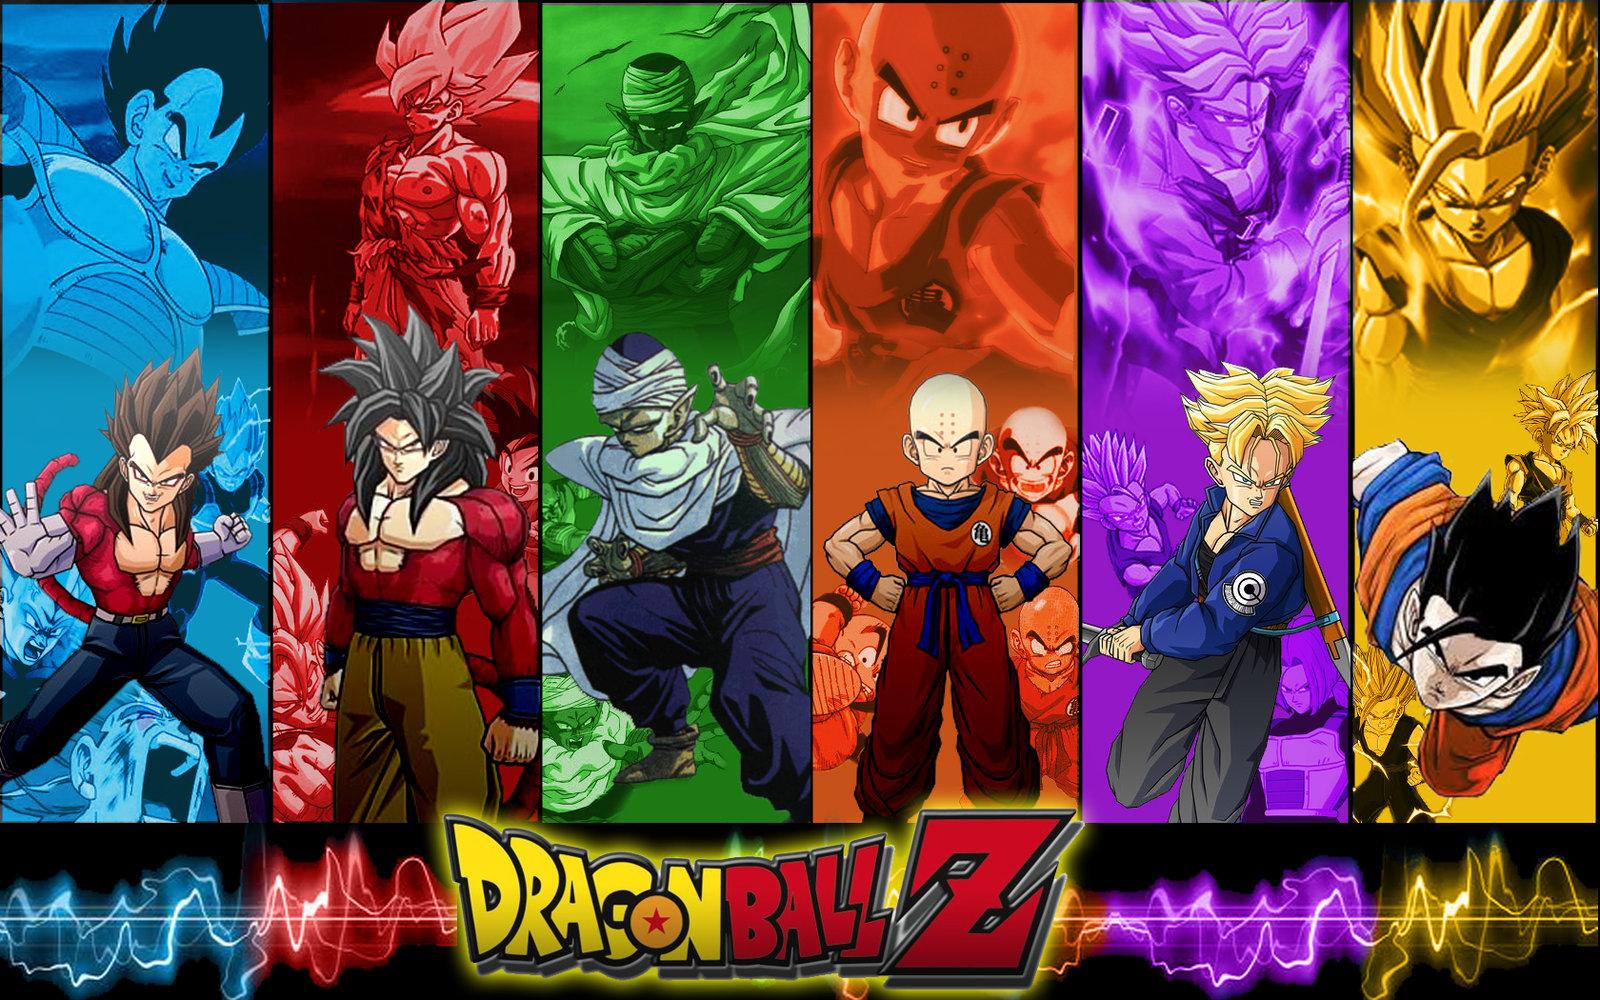 Dragon Ball Z Fondo De Pantalla And Fondo De Escritorio